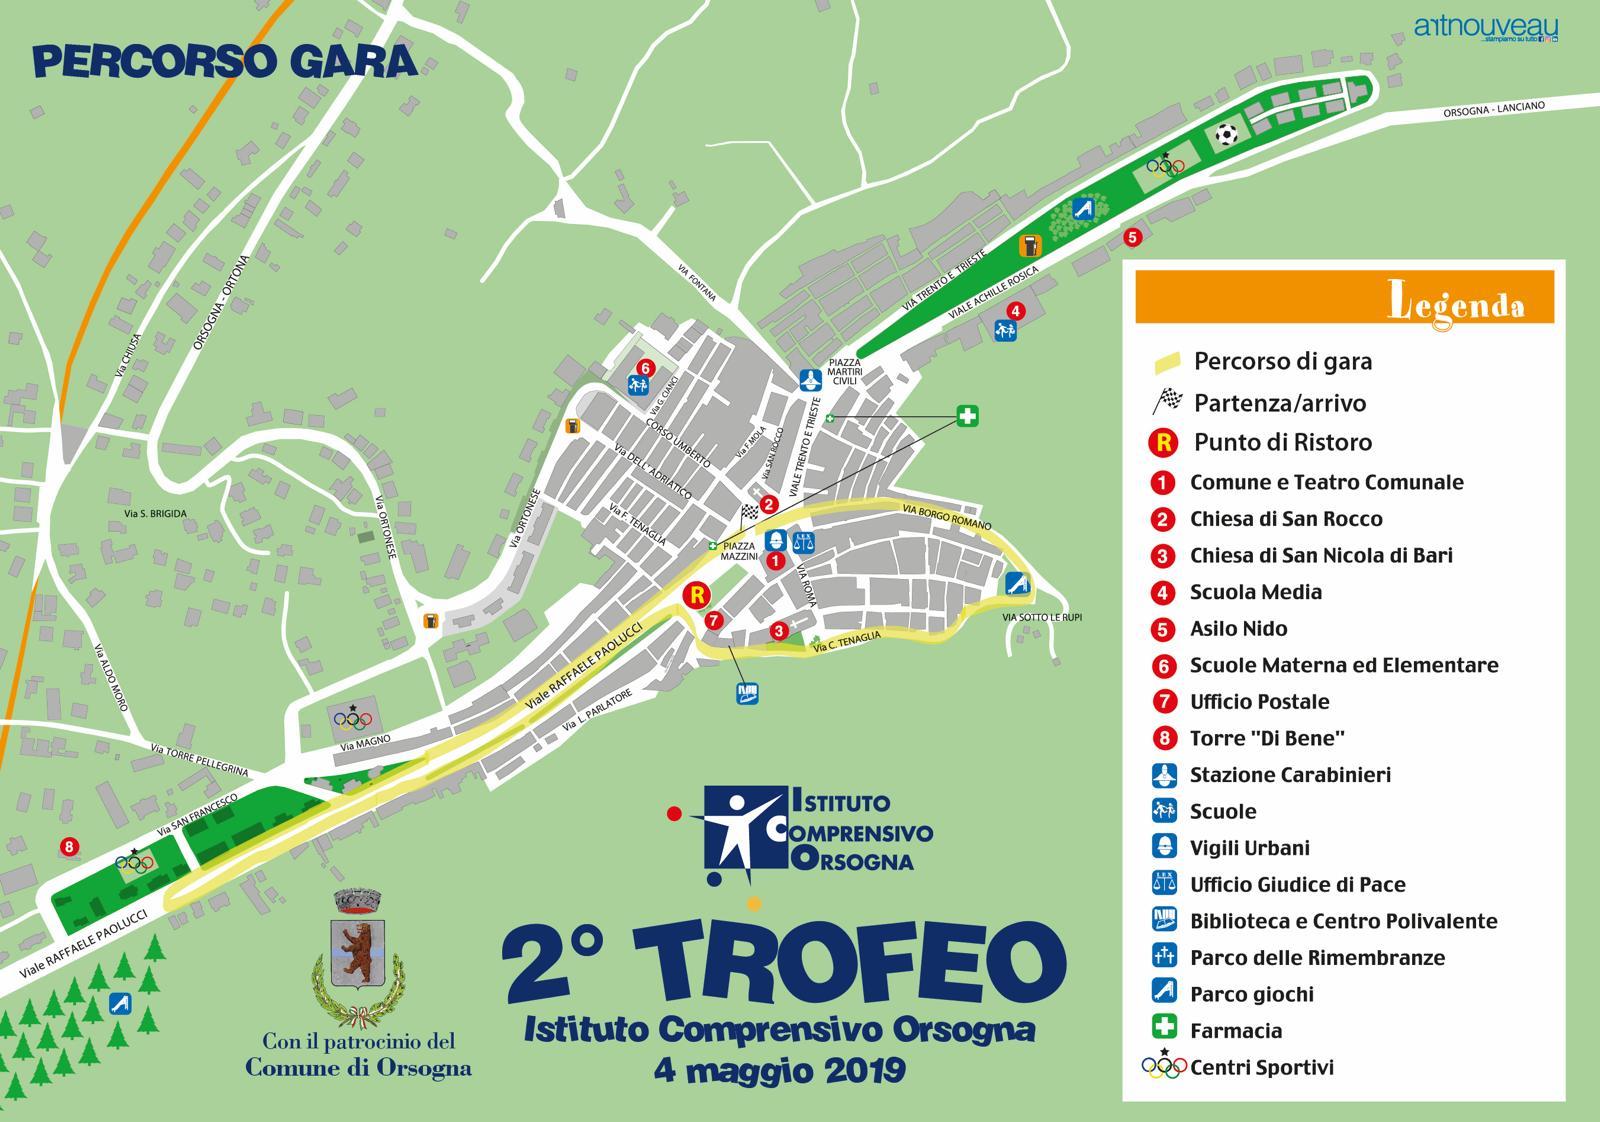 2 Trofeo Orsogna Comprensivo Trofeo 2 2 Orsogna Trofeo Comprensivo thrsdQ